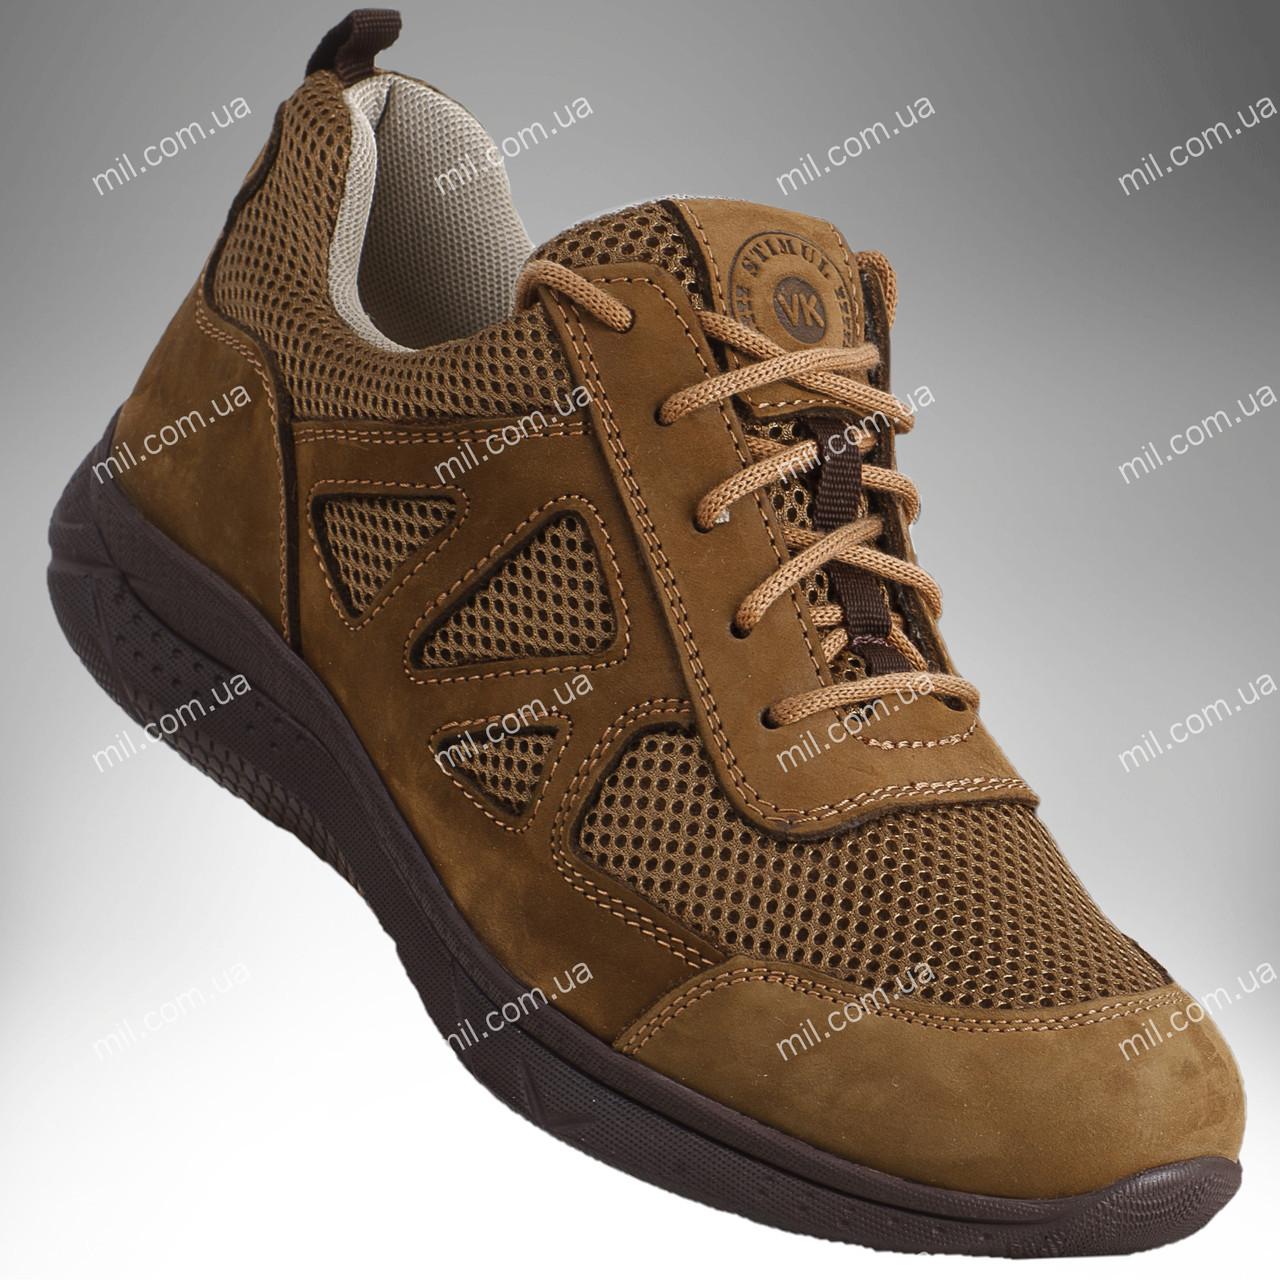 Тактические летние кроссовки / военная обувь, армейская спецобувь ENIGMA Stimul (койот)